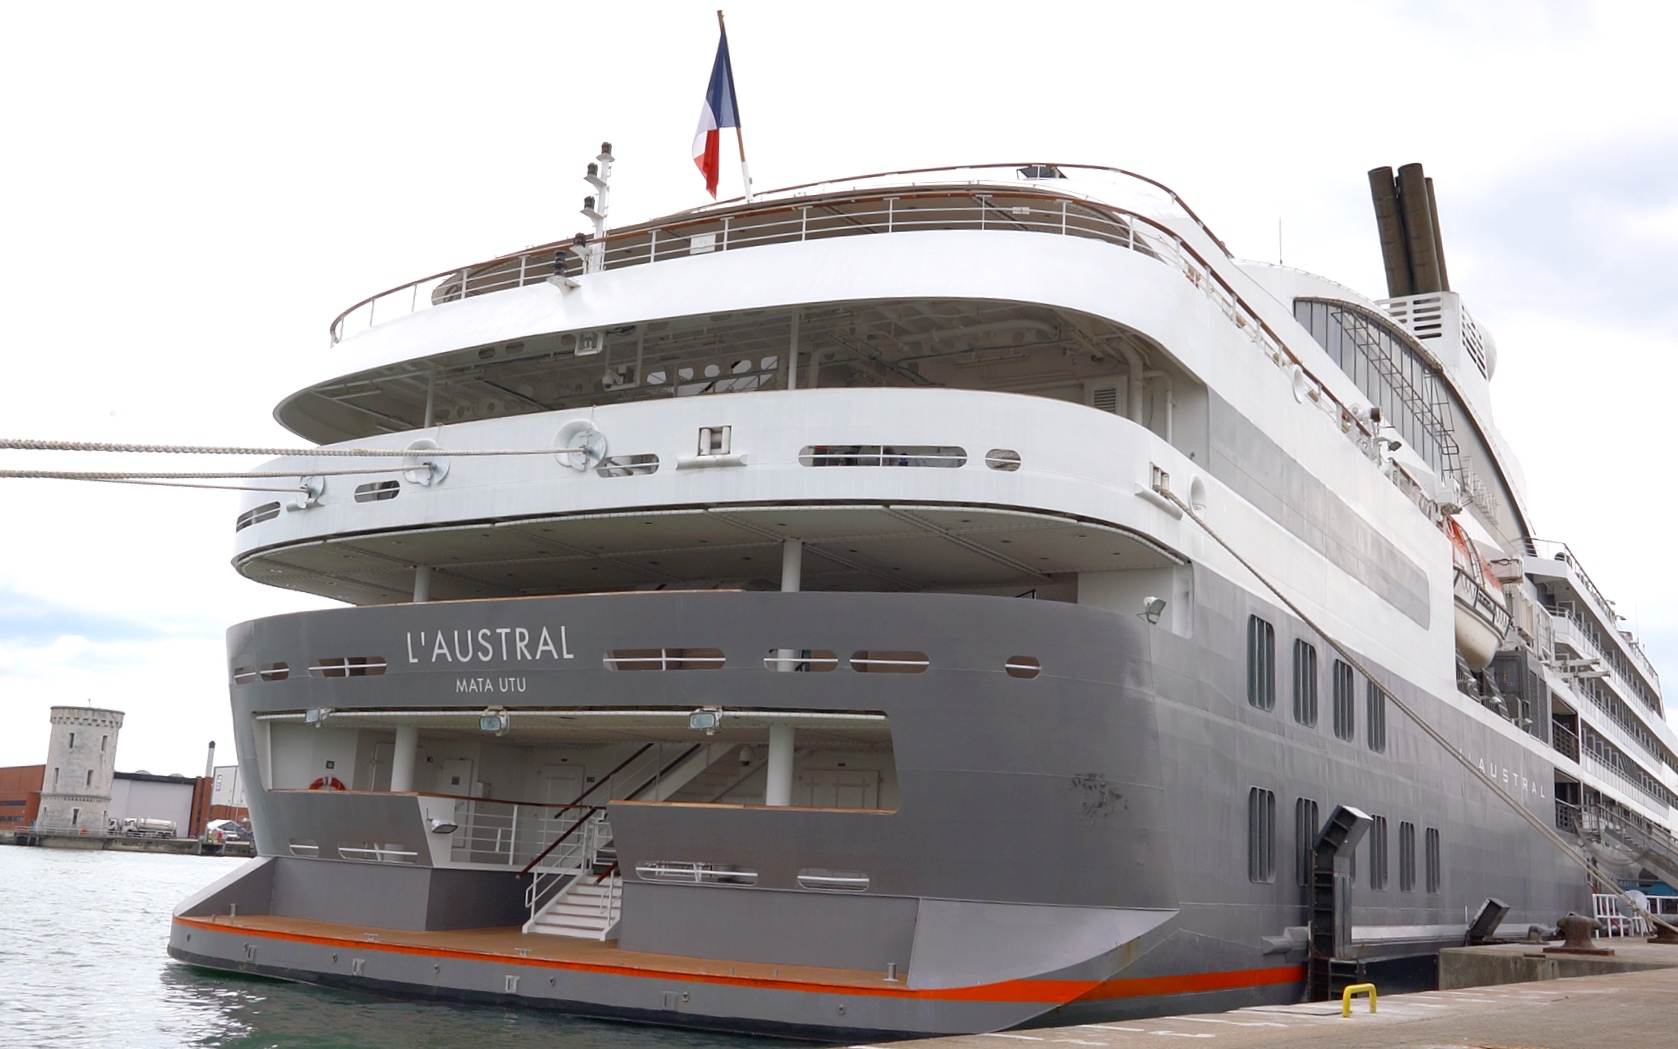 L'Austral marina deck.